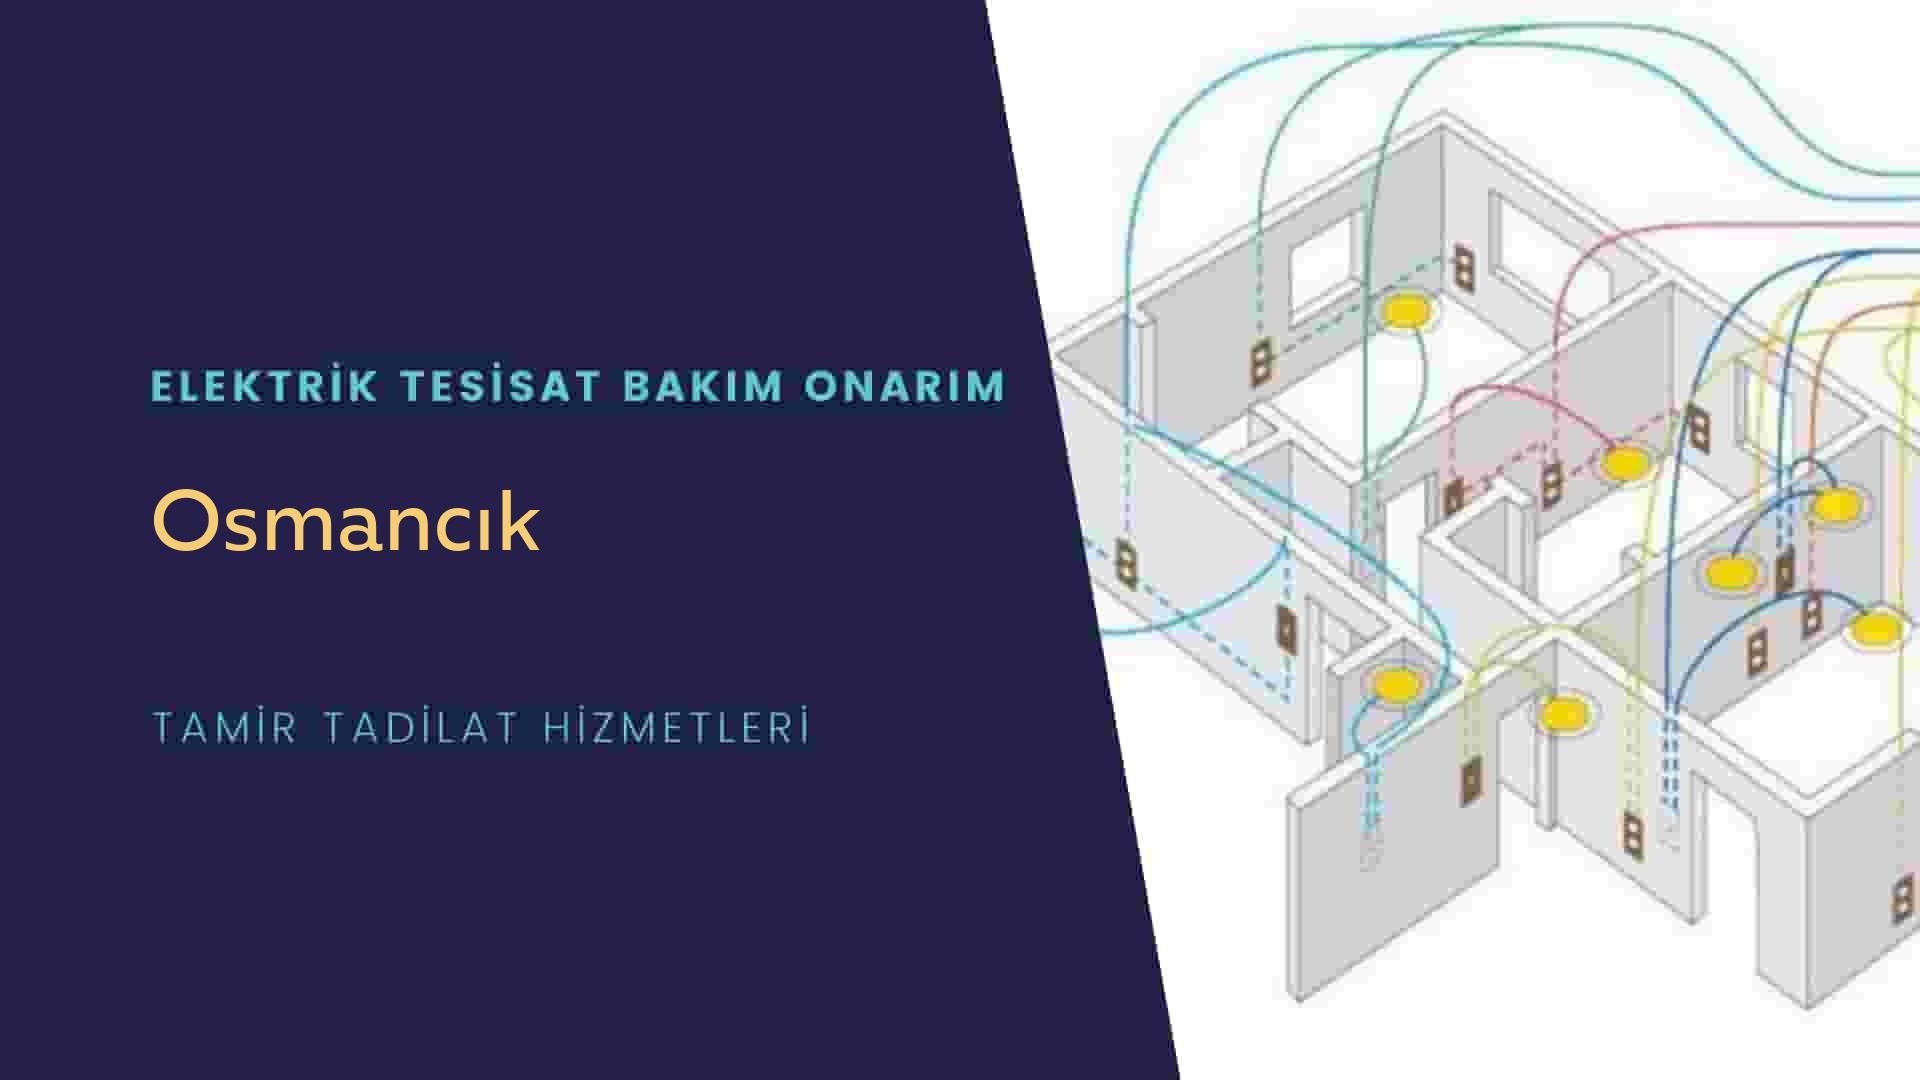 Osmancık  elektrik tesisatıustalarımı arıyorsunuz doğru adrestenizi Osmancık elektrik tesisatı ustalarımız 7/24 sizlere hizmet vermekten mutluluk duyar.